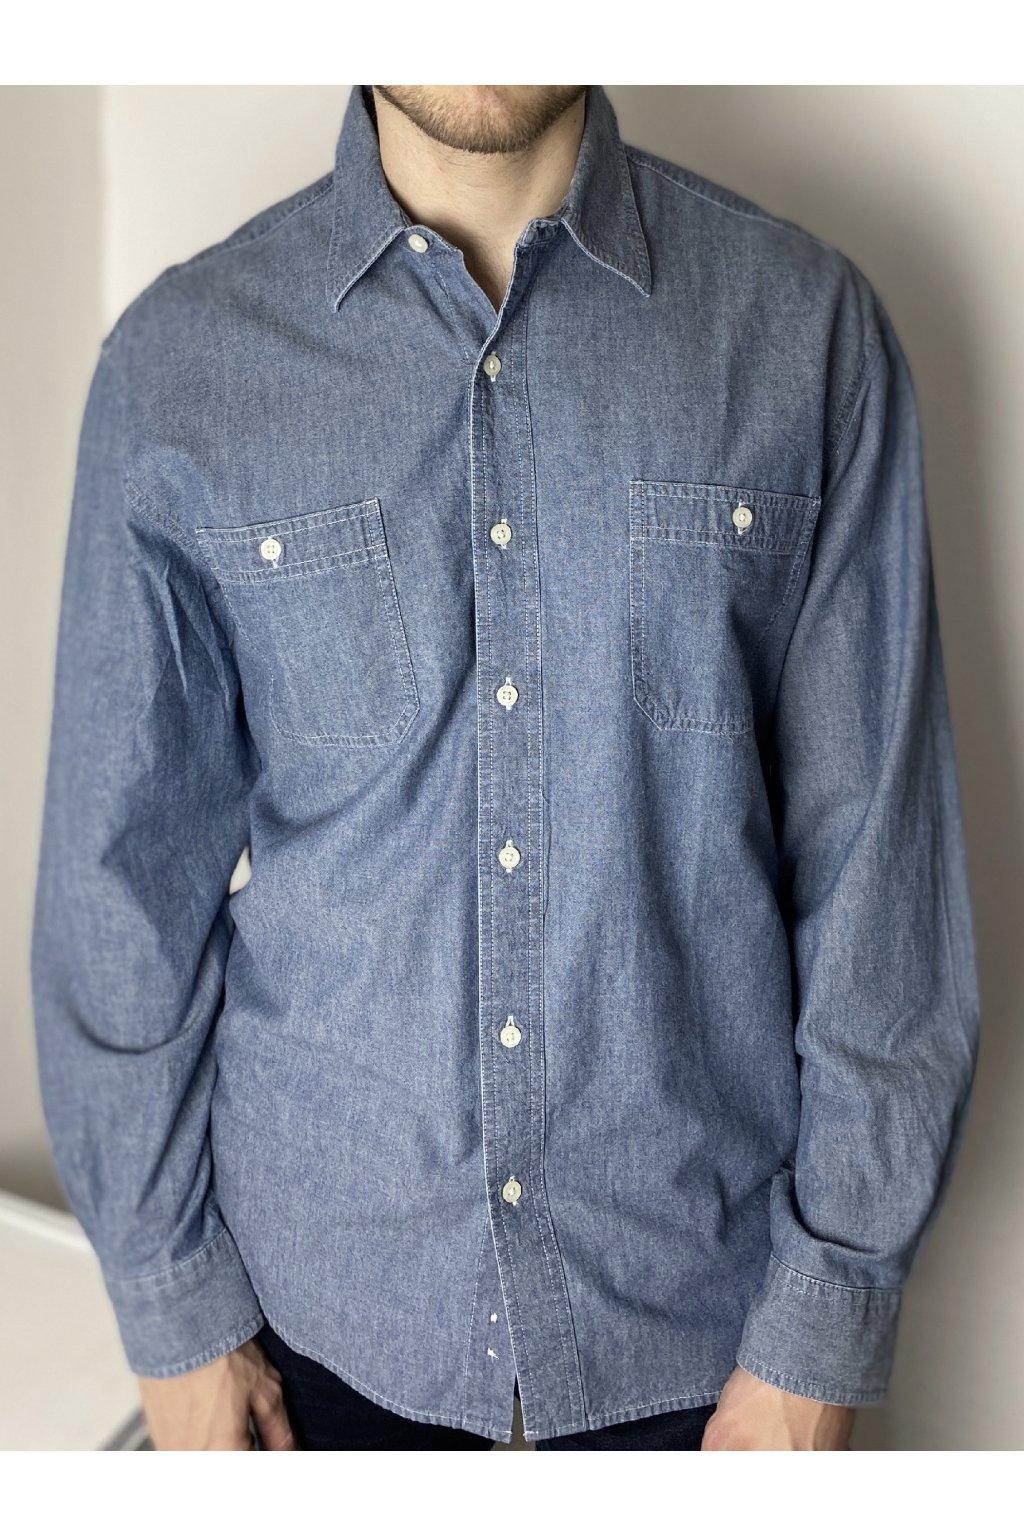 Modrá denimová košile vel. L/XL